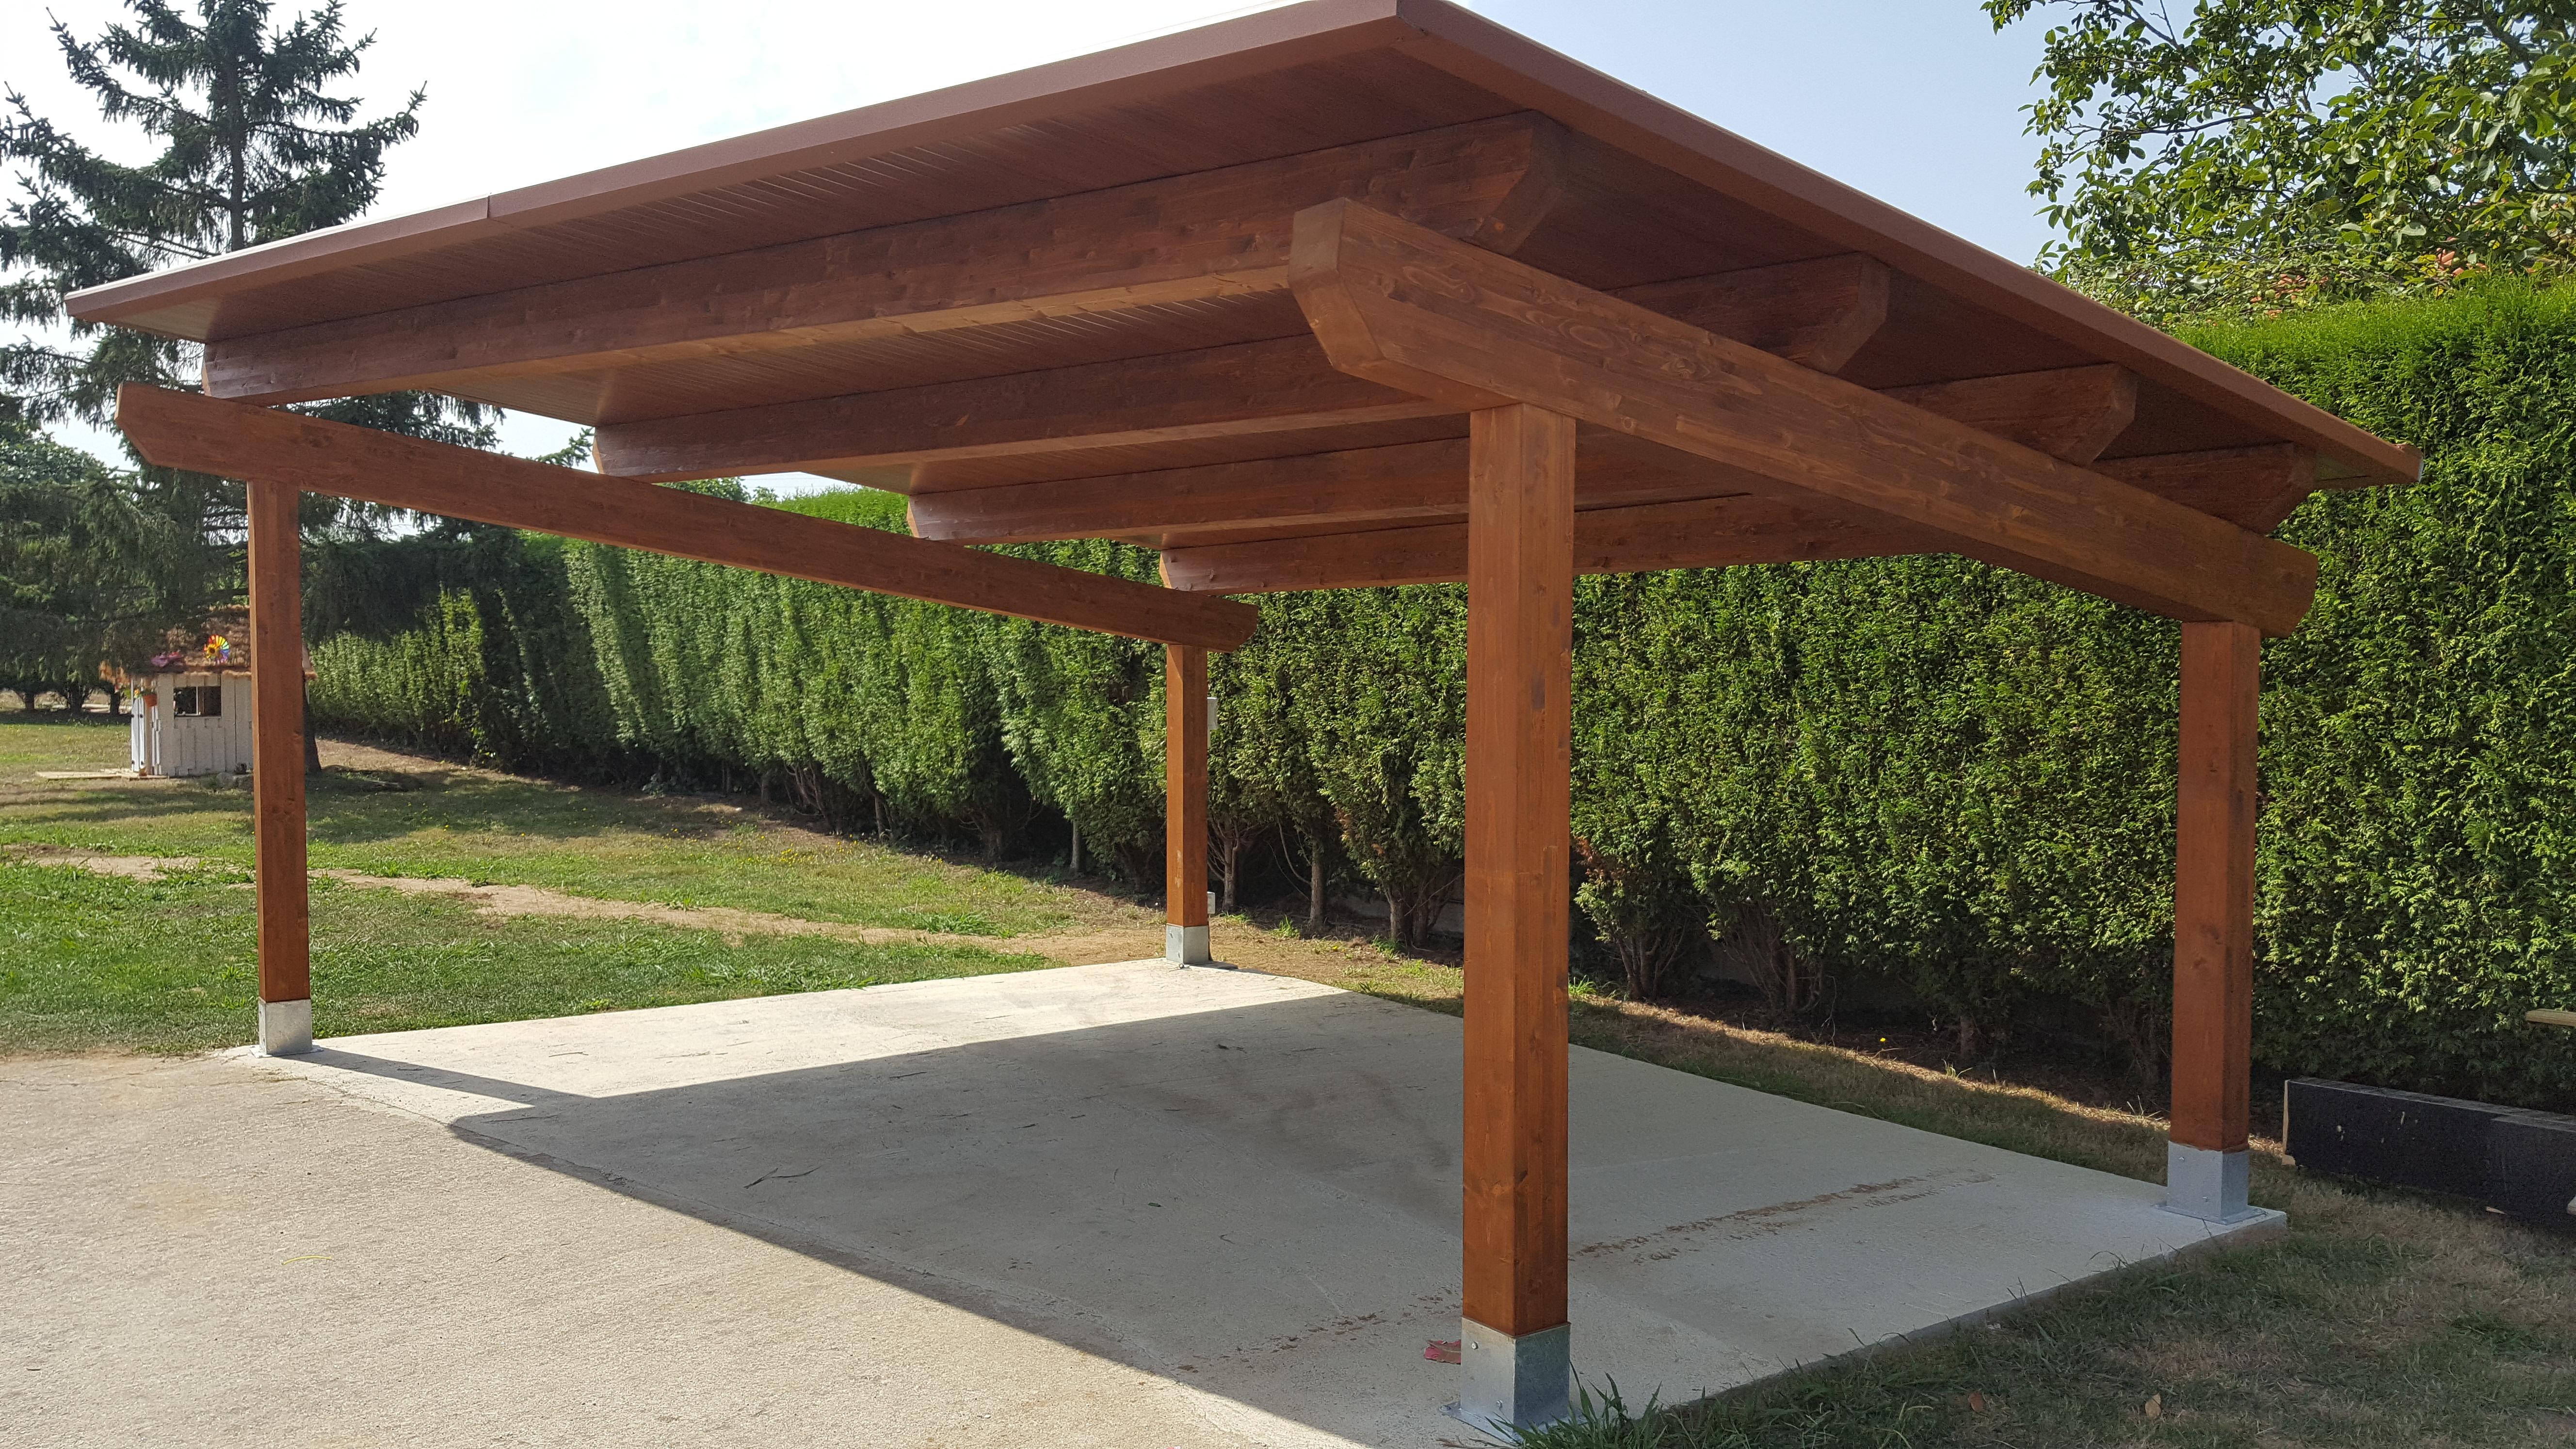 Garaje de madera laminada 6 5 - Garaje de coches ...